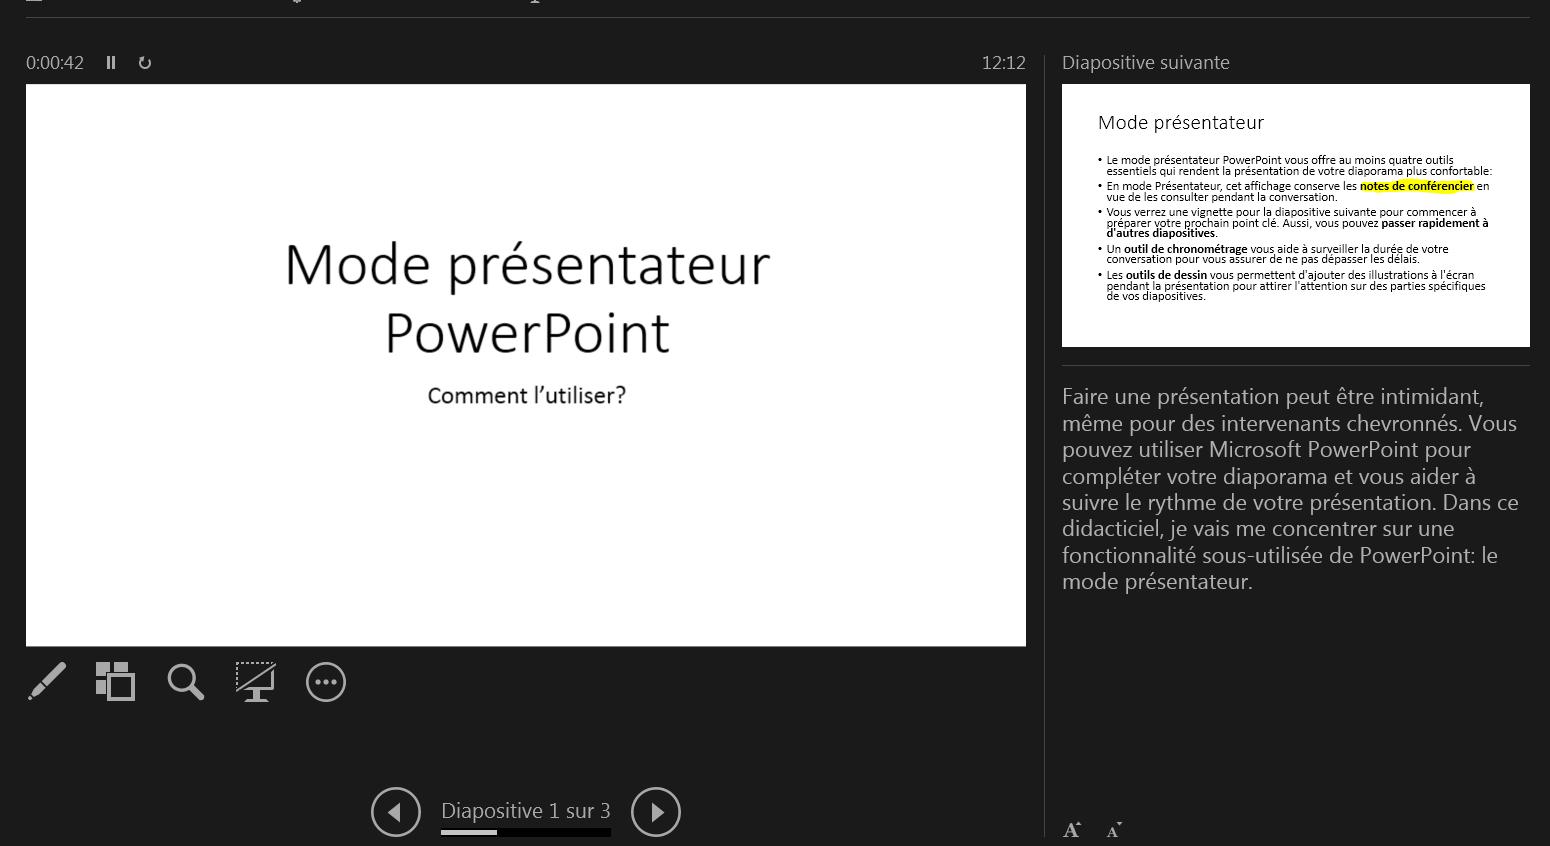 Tutoriel PowerPoint: comment utiliser le mode Présentateur